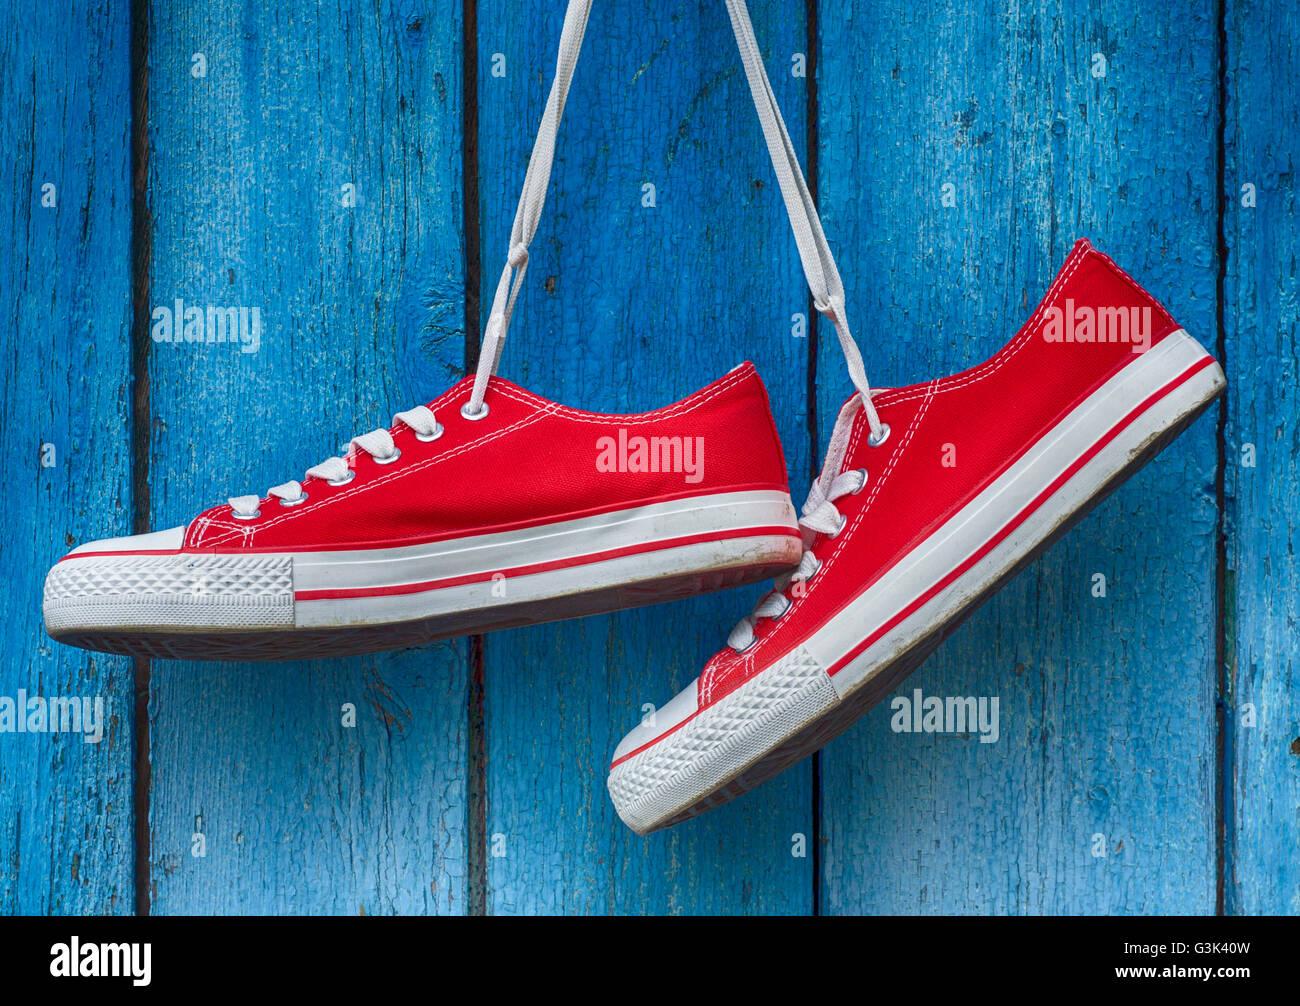 Paire chaussures en bois accrochée à un vieux rétro fond bleu Photo Stock